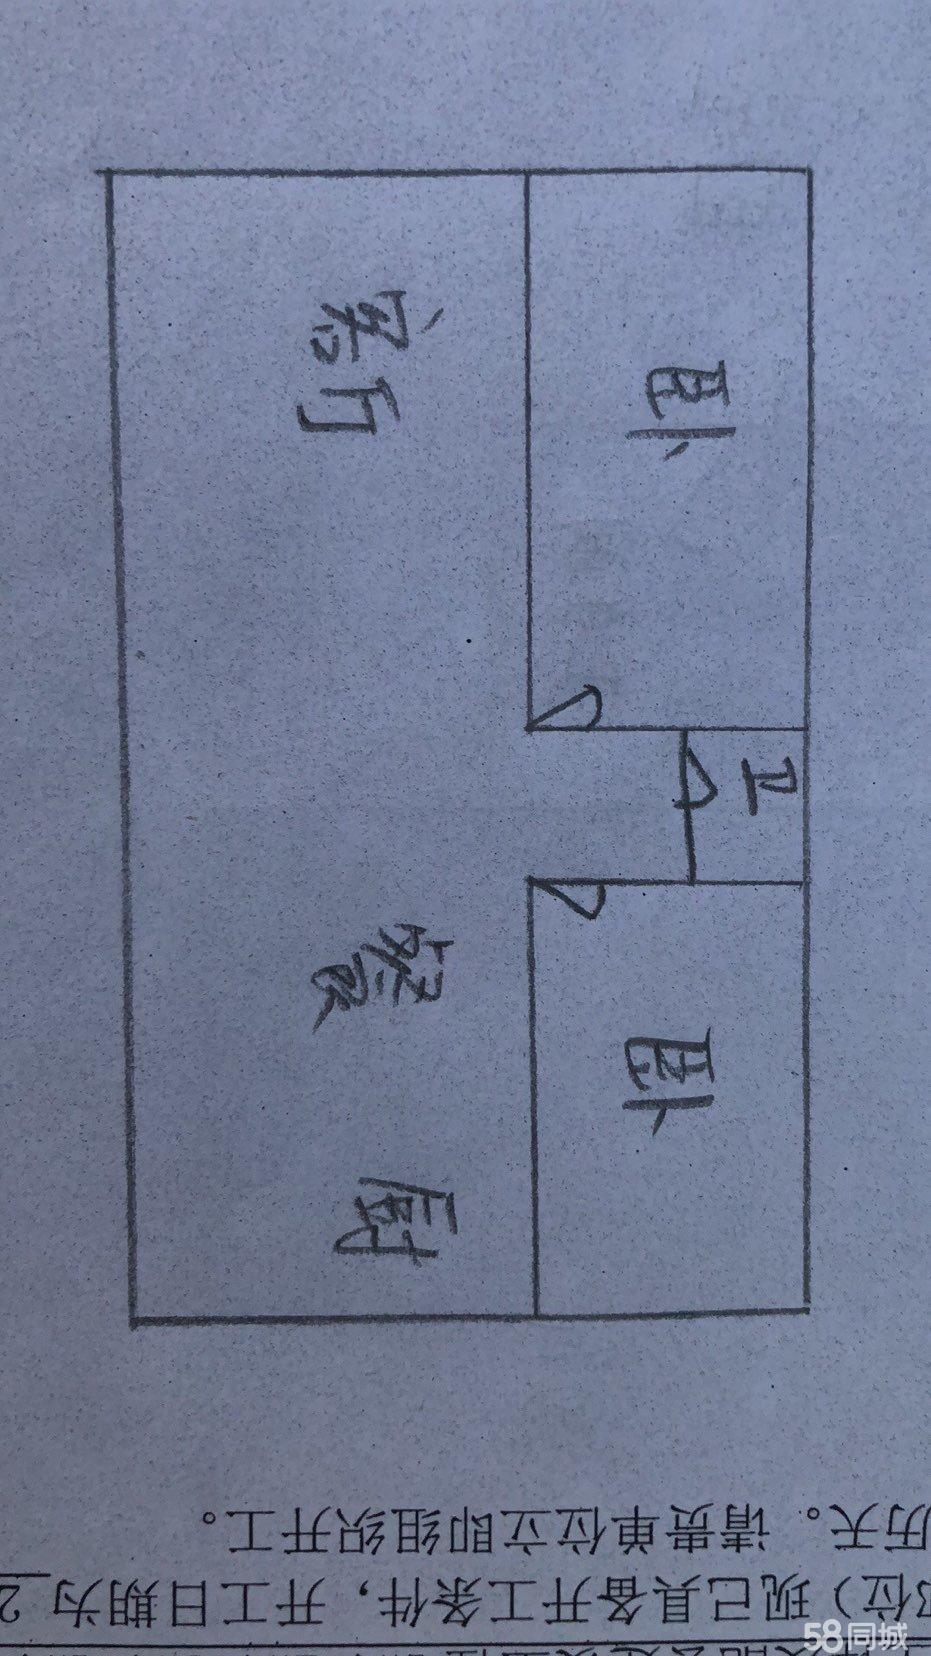 瑞钢联3室2厅1卫